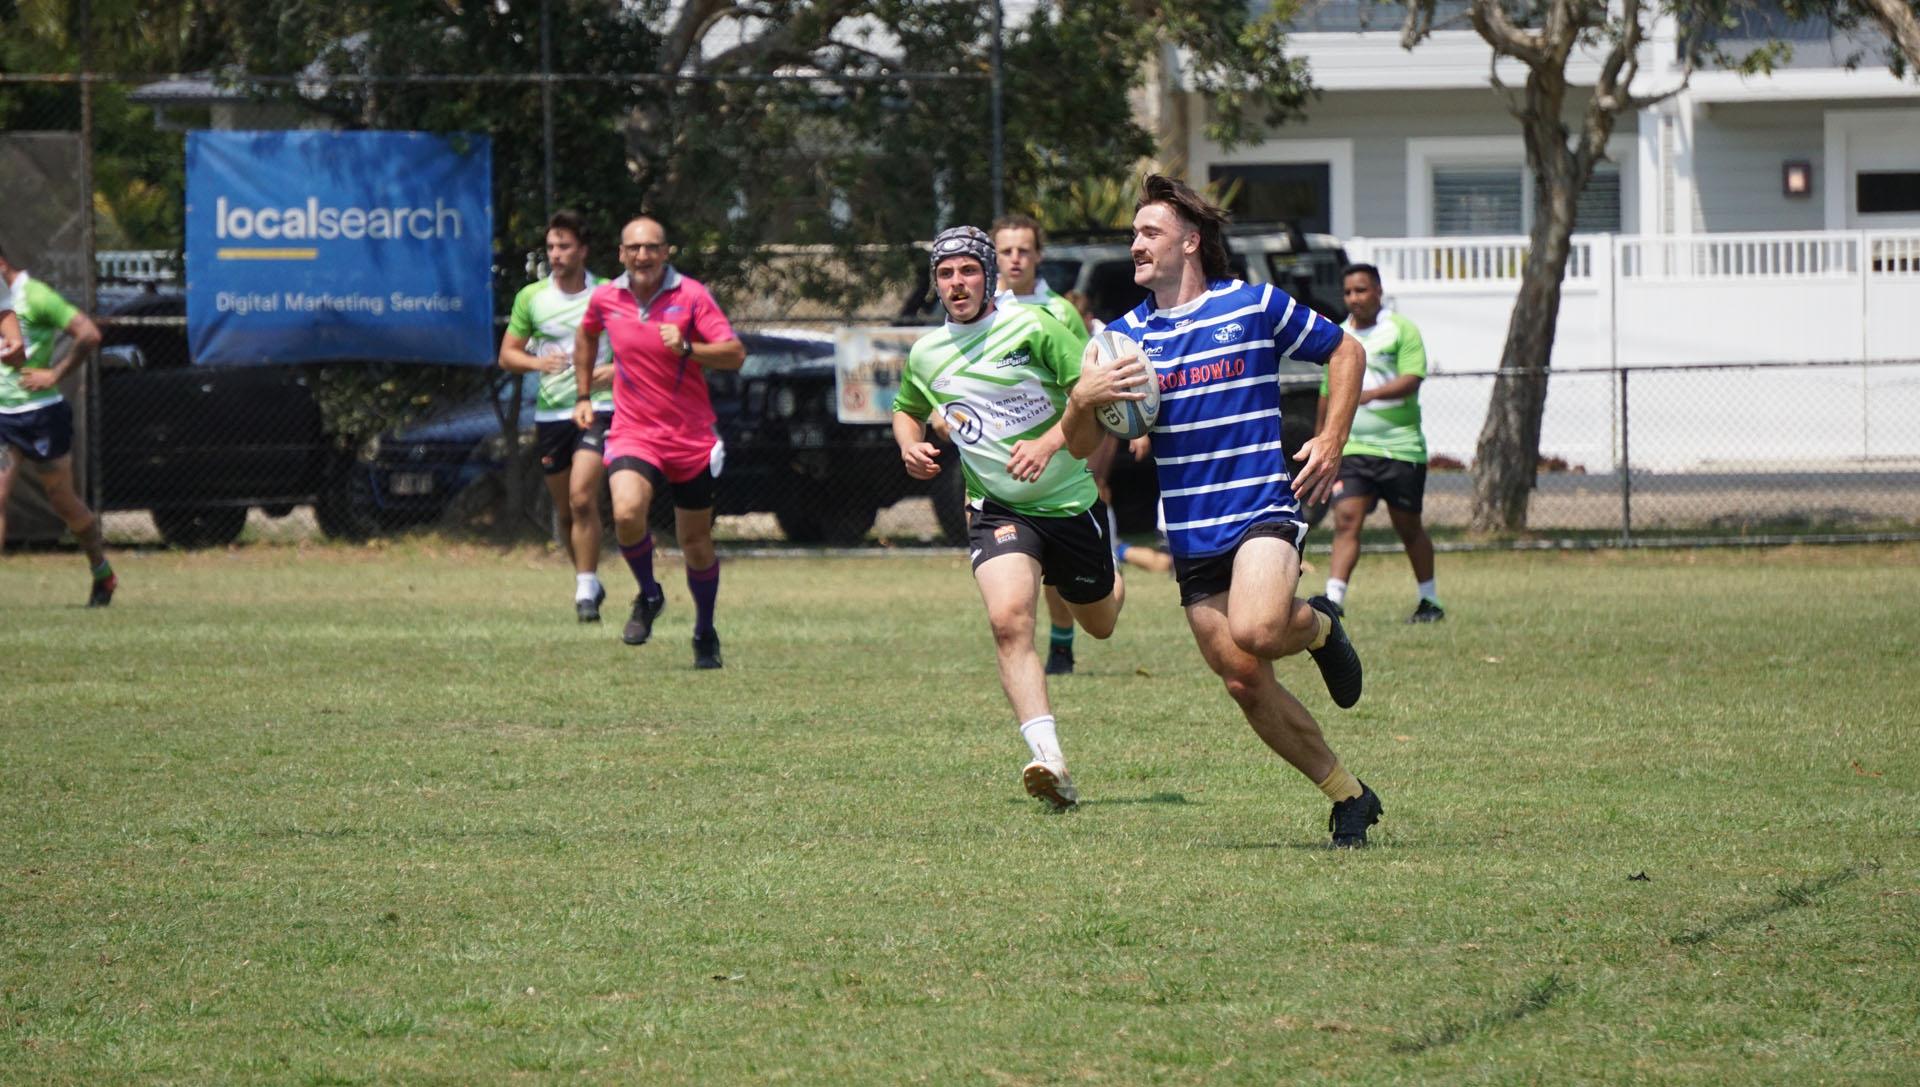 191019-20_Byron Bay Rugby 7s 2019_148